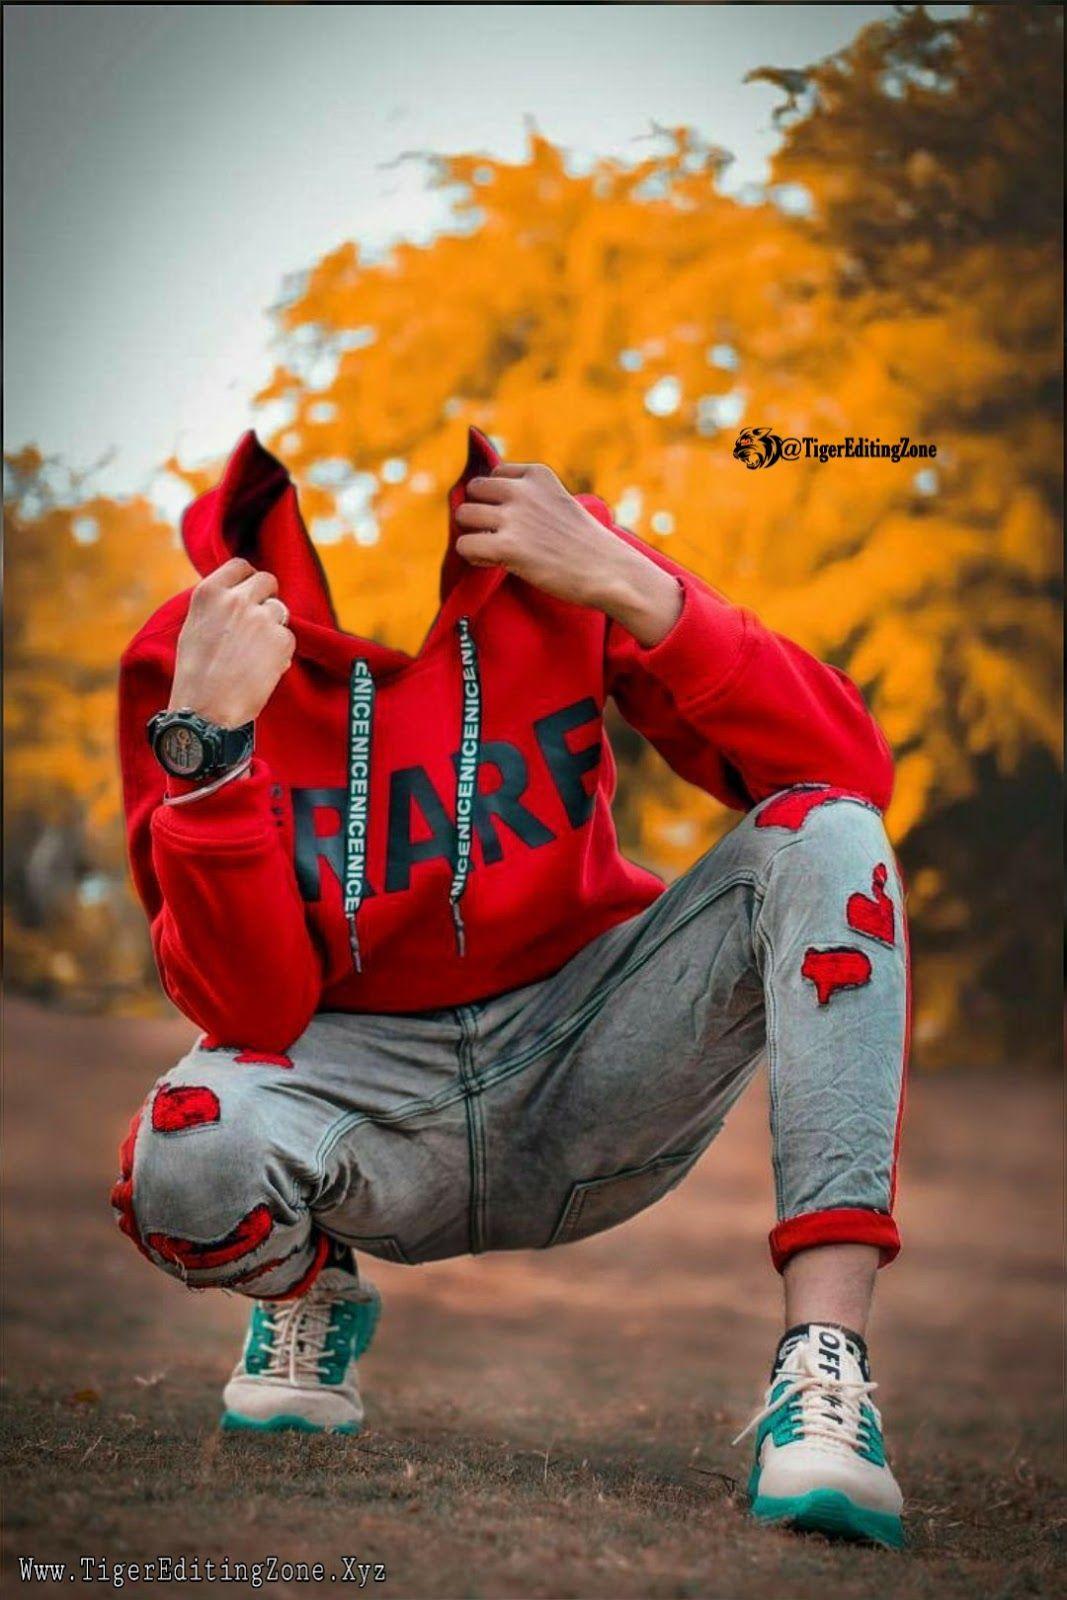 500 Cute Boy Photo Editing Background Hd 2020 Vijay Maher Background Hd Cute Boy Photo Photo Poses For Boy Boy Photos